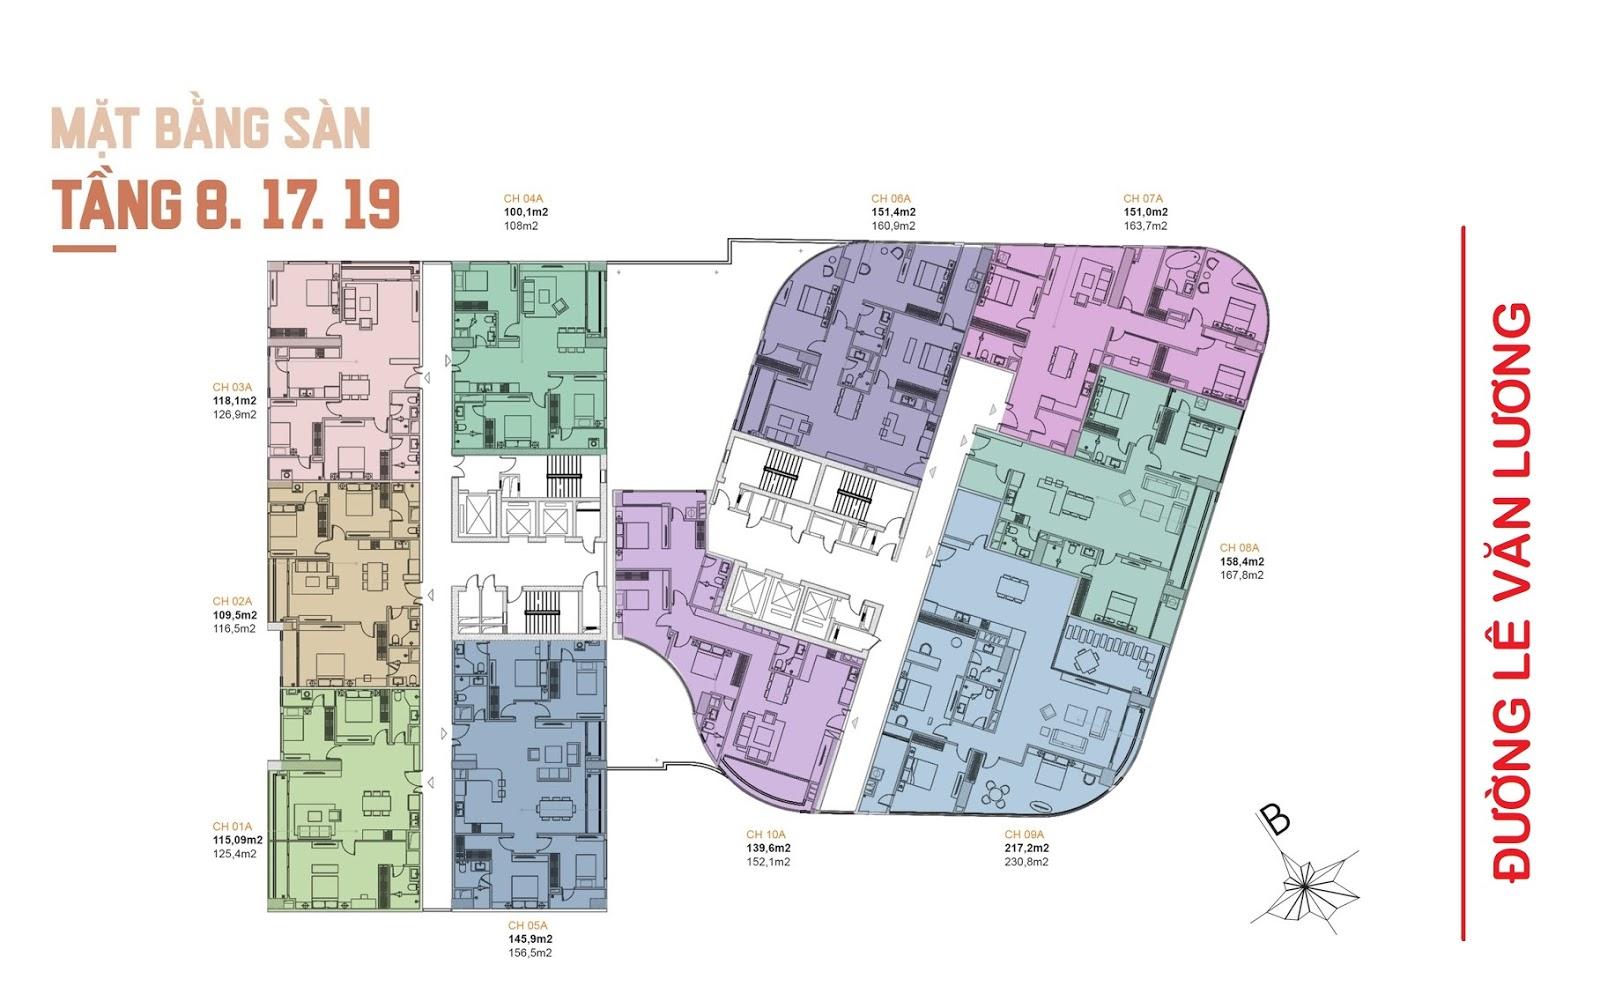 Mặt bằng điển hình tầng 8,17,19 chung cư manhattan tower